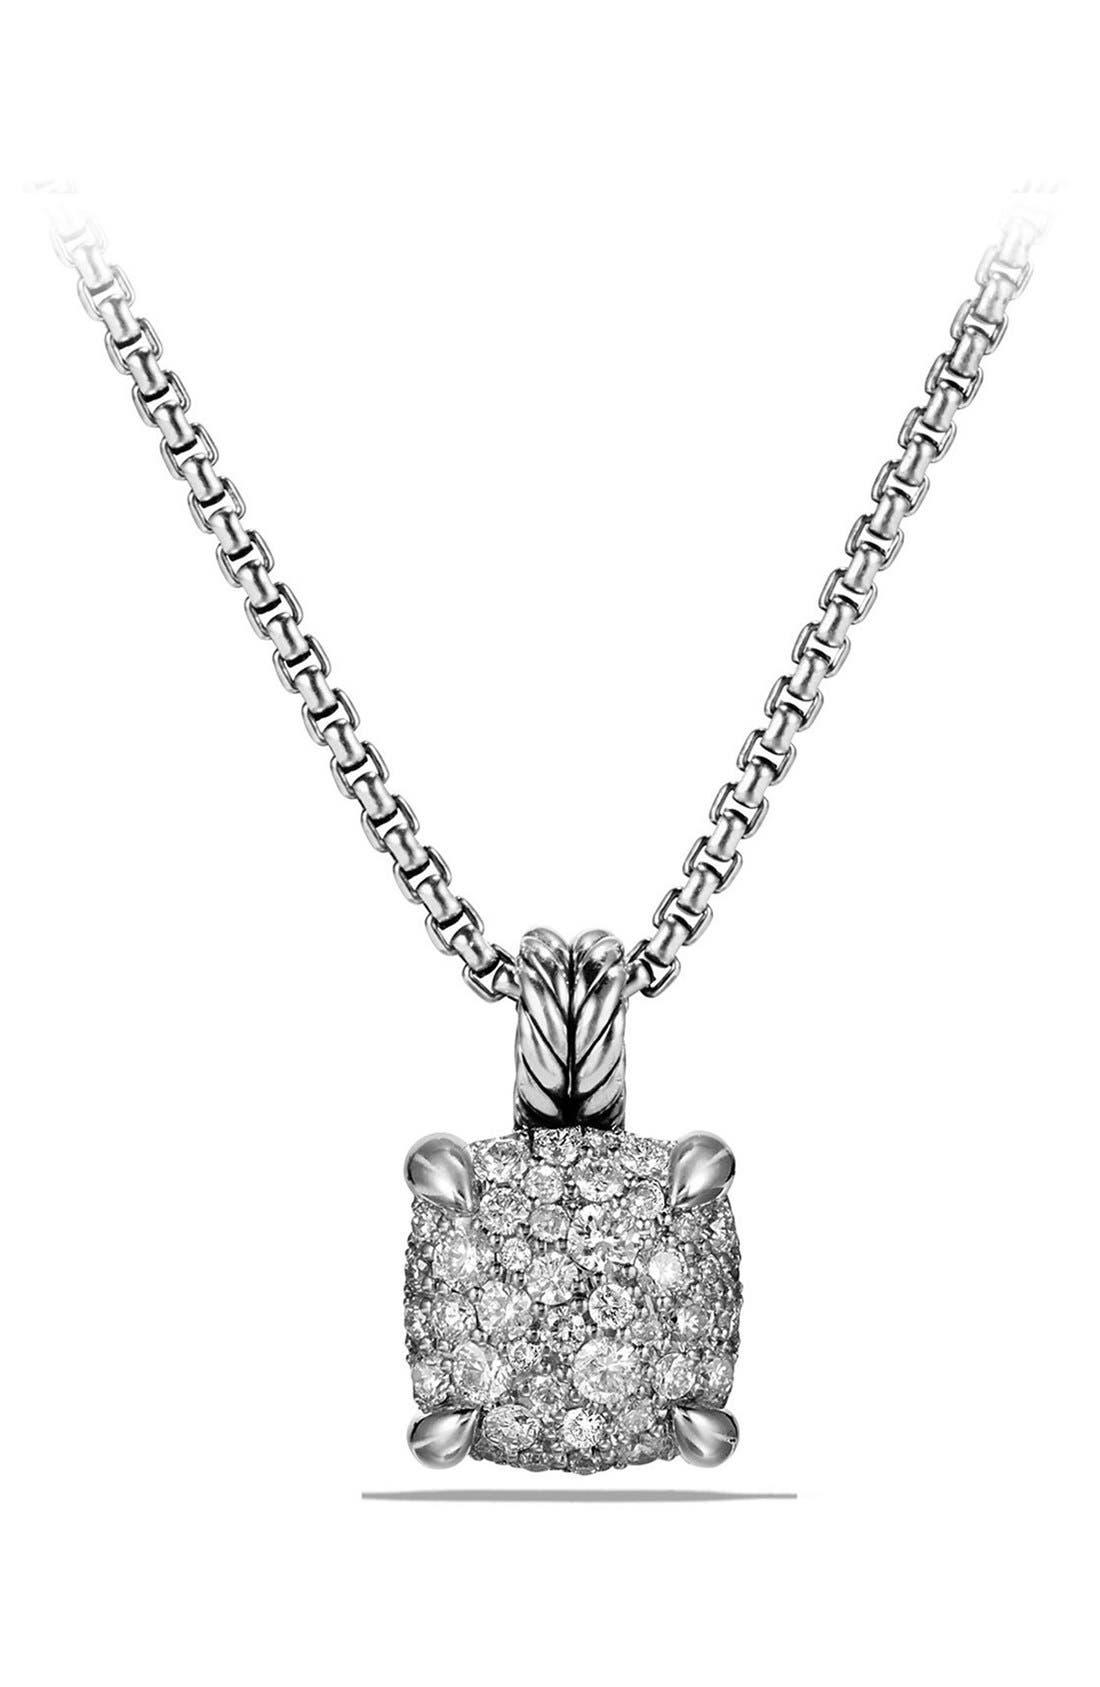 DAVID YURMAN Châtelaine Pendant Necklace with Diamonds